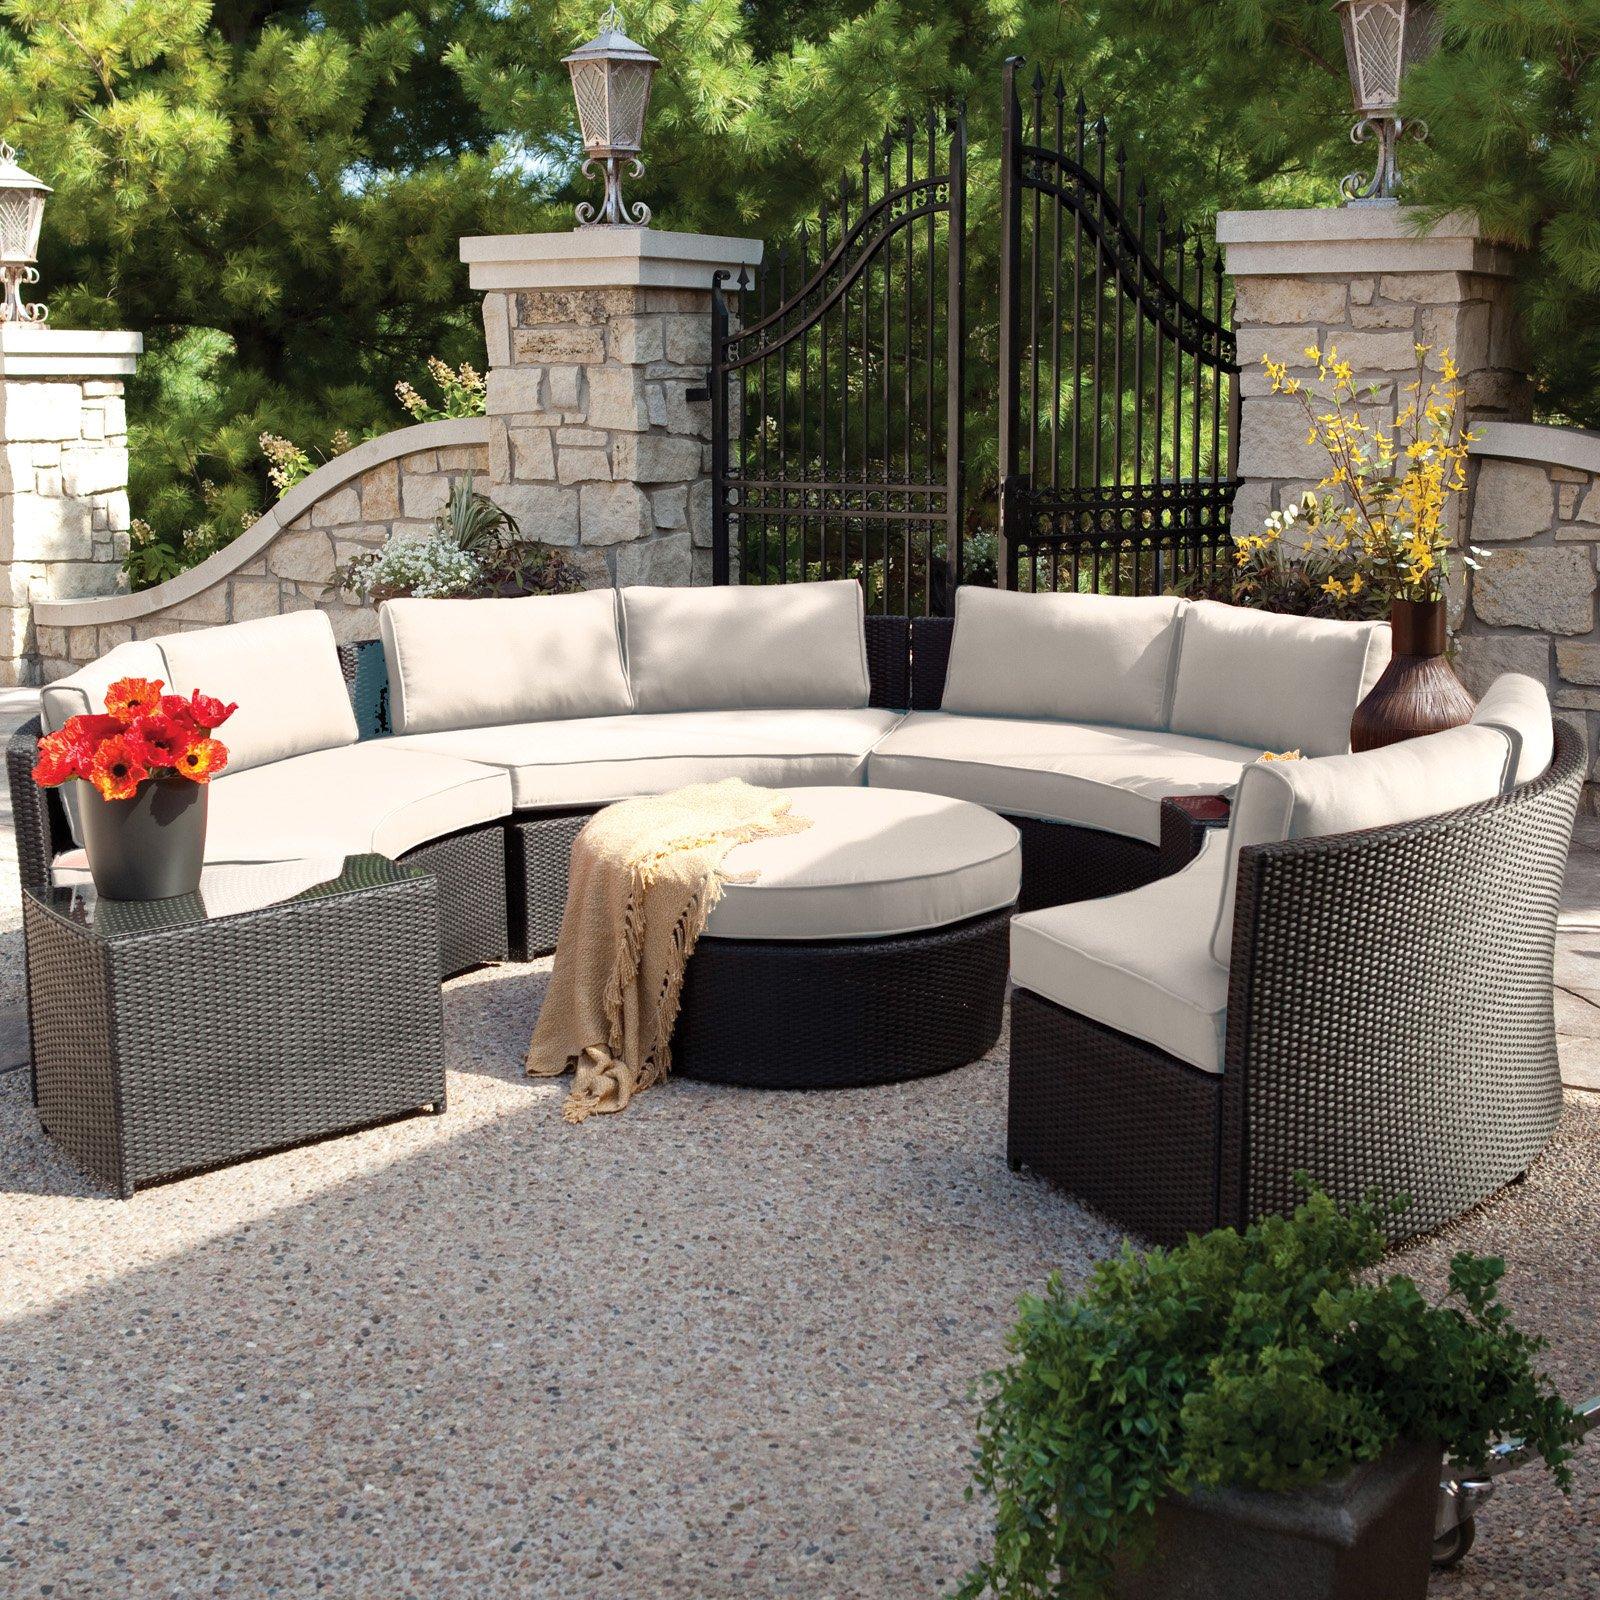 Garden furniture Belham Living Meridian Round wicker garden furniture with Sunbrella YTGRGSX